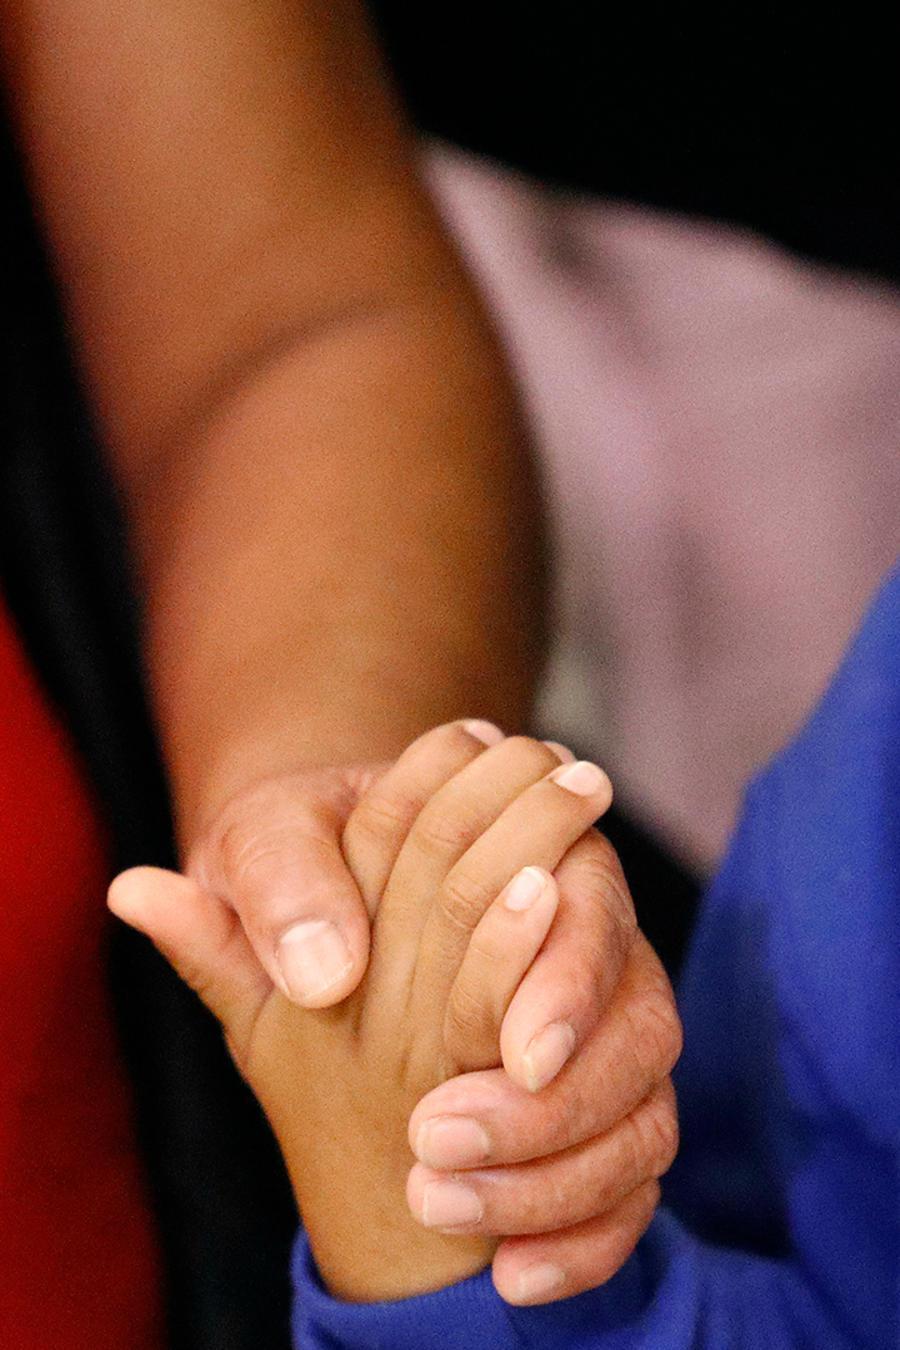 Una madre indocumentada le da la mano a su niño tras pasar meses separados